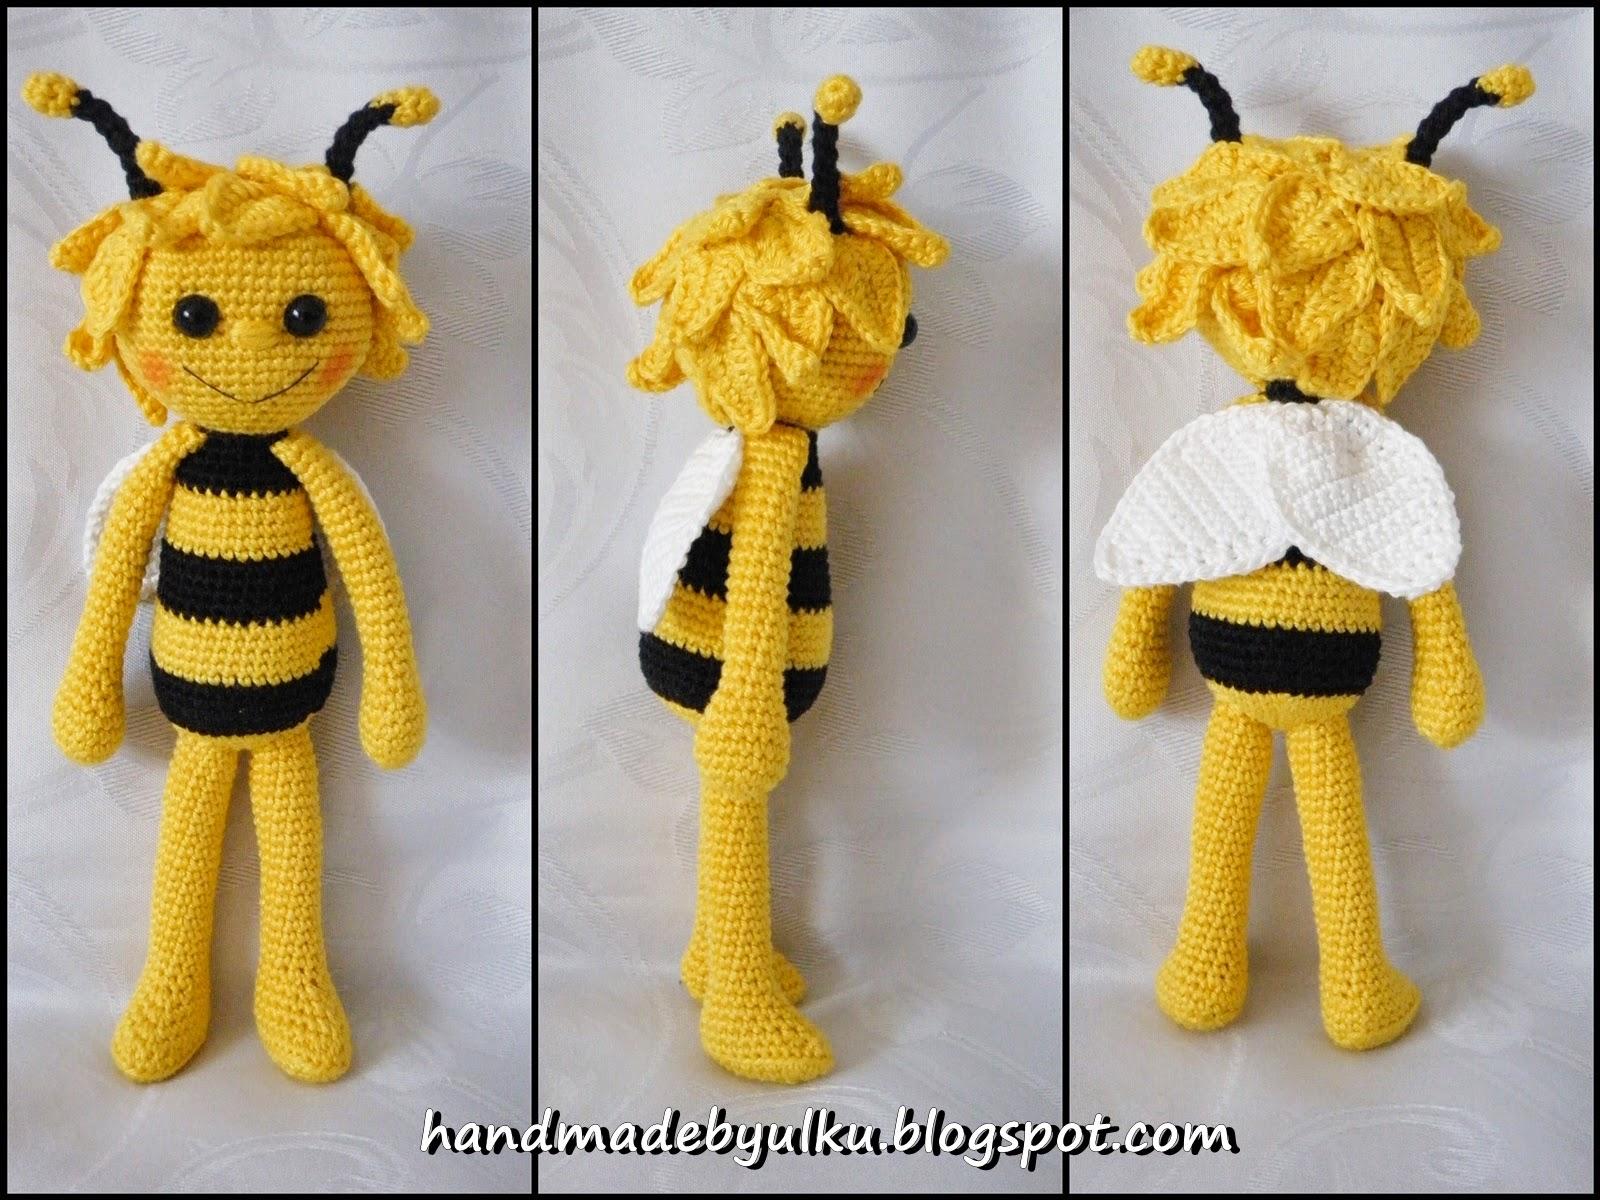 Handmade By ülkü Amigurumi Süße Biene Cute Bee